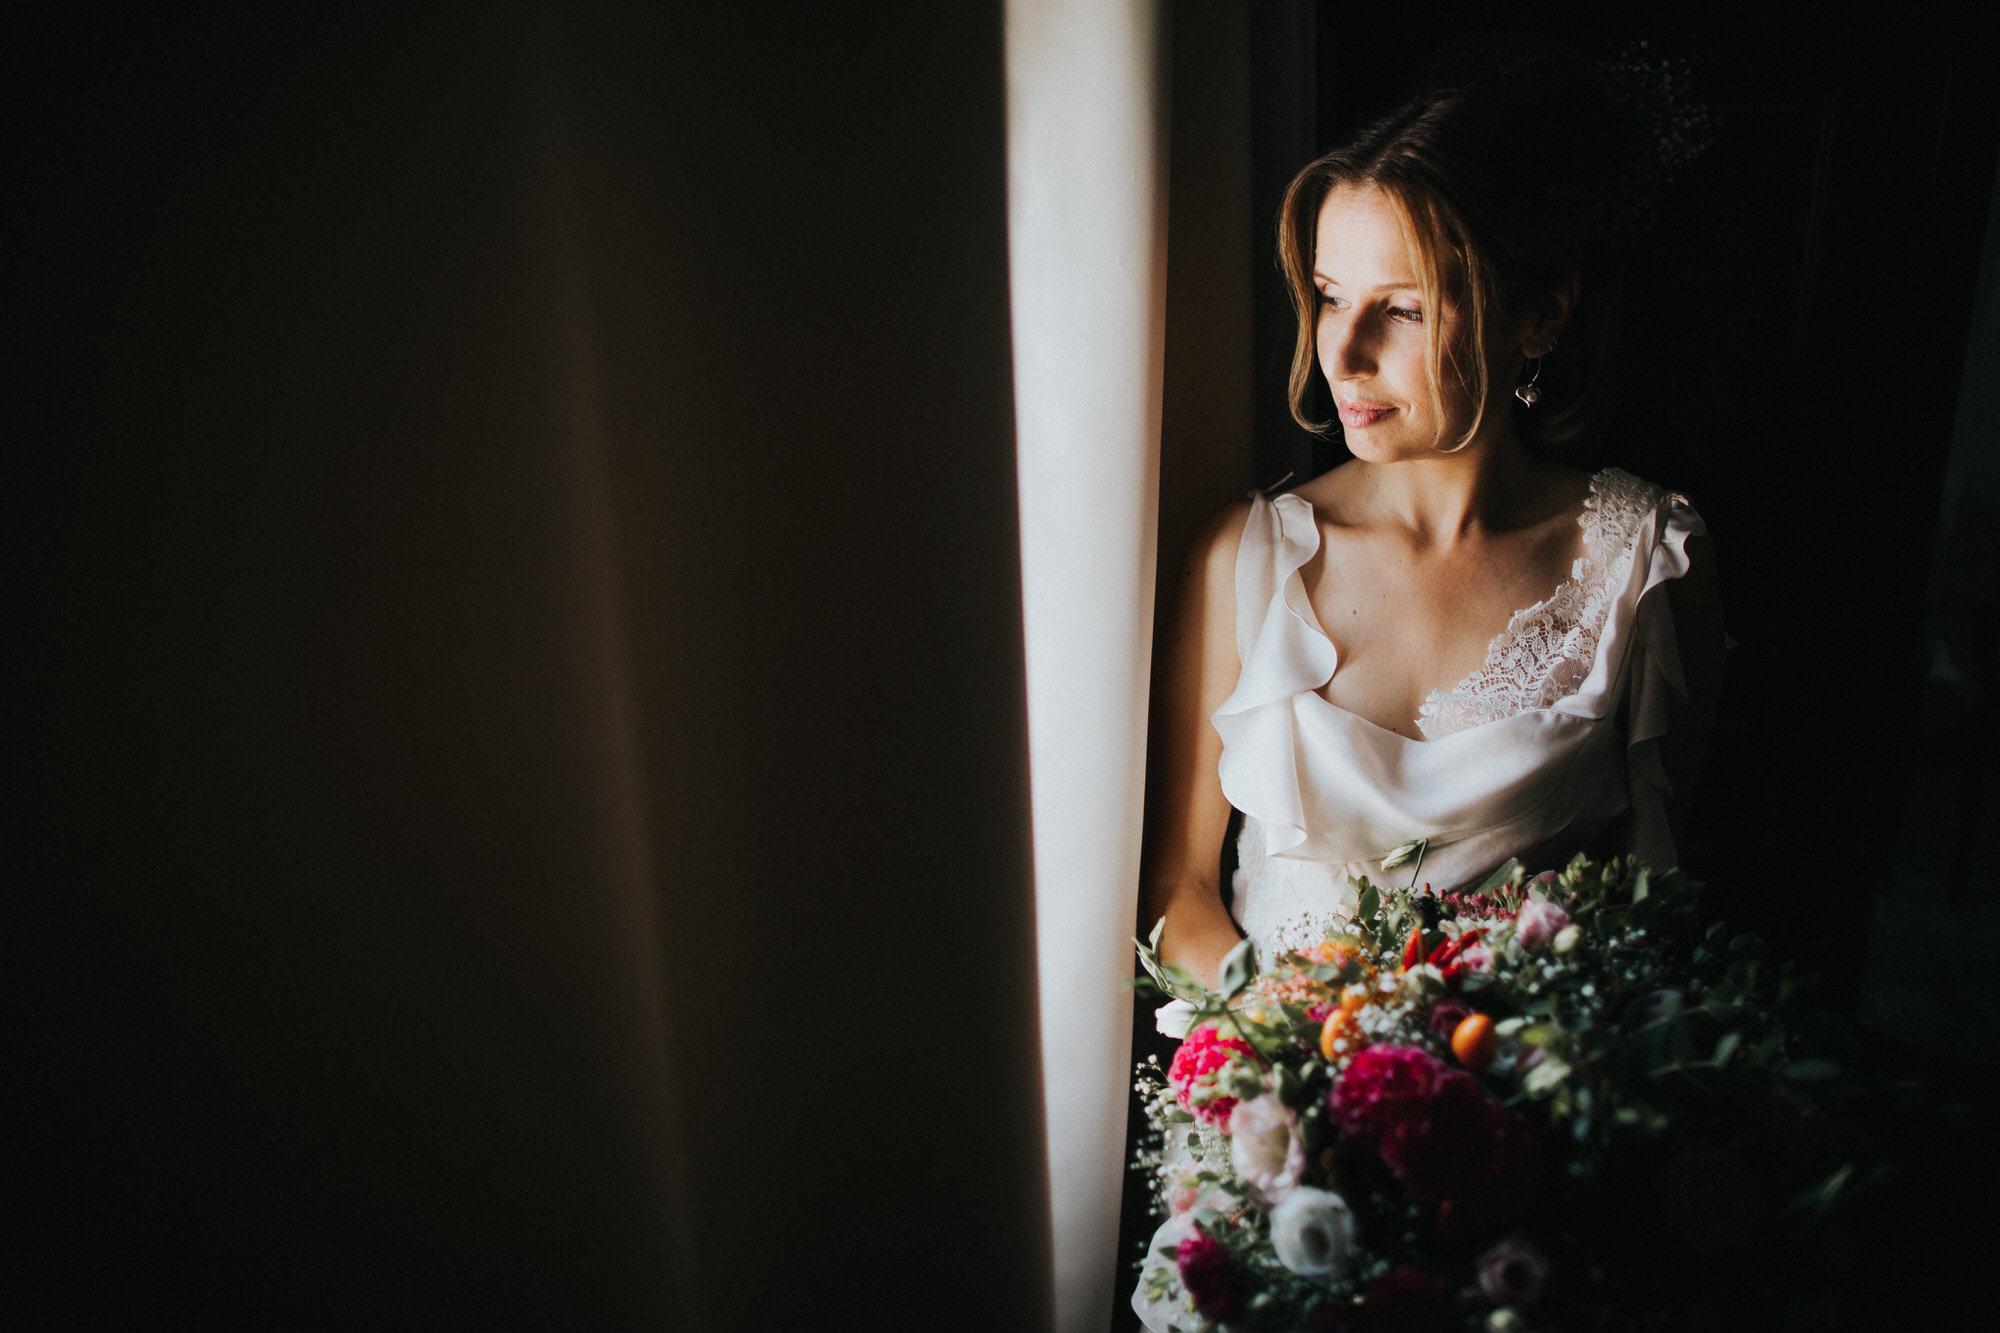 Filipe Santiago Fotografia-fotografo-malveira-lisboa-cascais-mafra-melhores-reportagem-wedding-photography-portugal-lisbon-best-natural-casamentos-lifestyle-bride-ideias-rustic-boho-hair-mackup-damas-preparativos-preparations-bridemaids-dress-shoes-bouquet-spicy